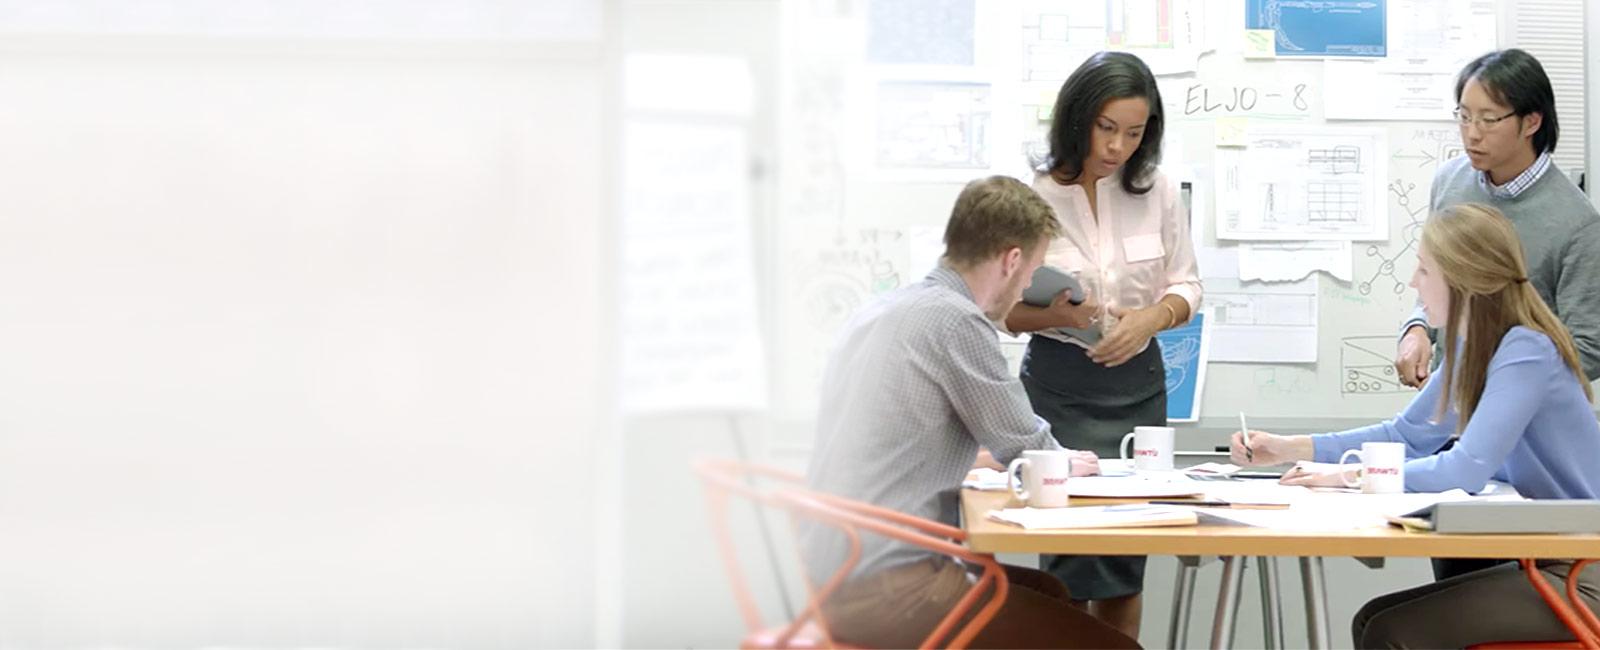 Dwie osoby stojące i dwie osoby siedzące przy stole zakrytym dokumentami przed tablicą.